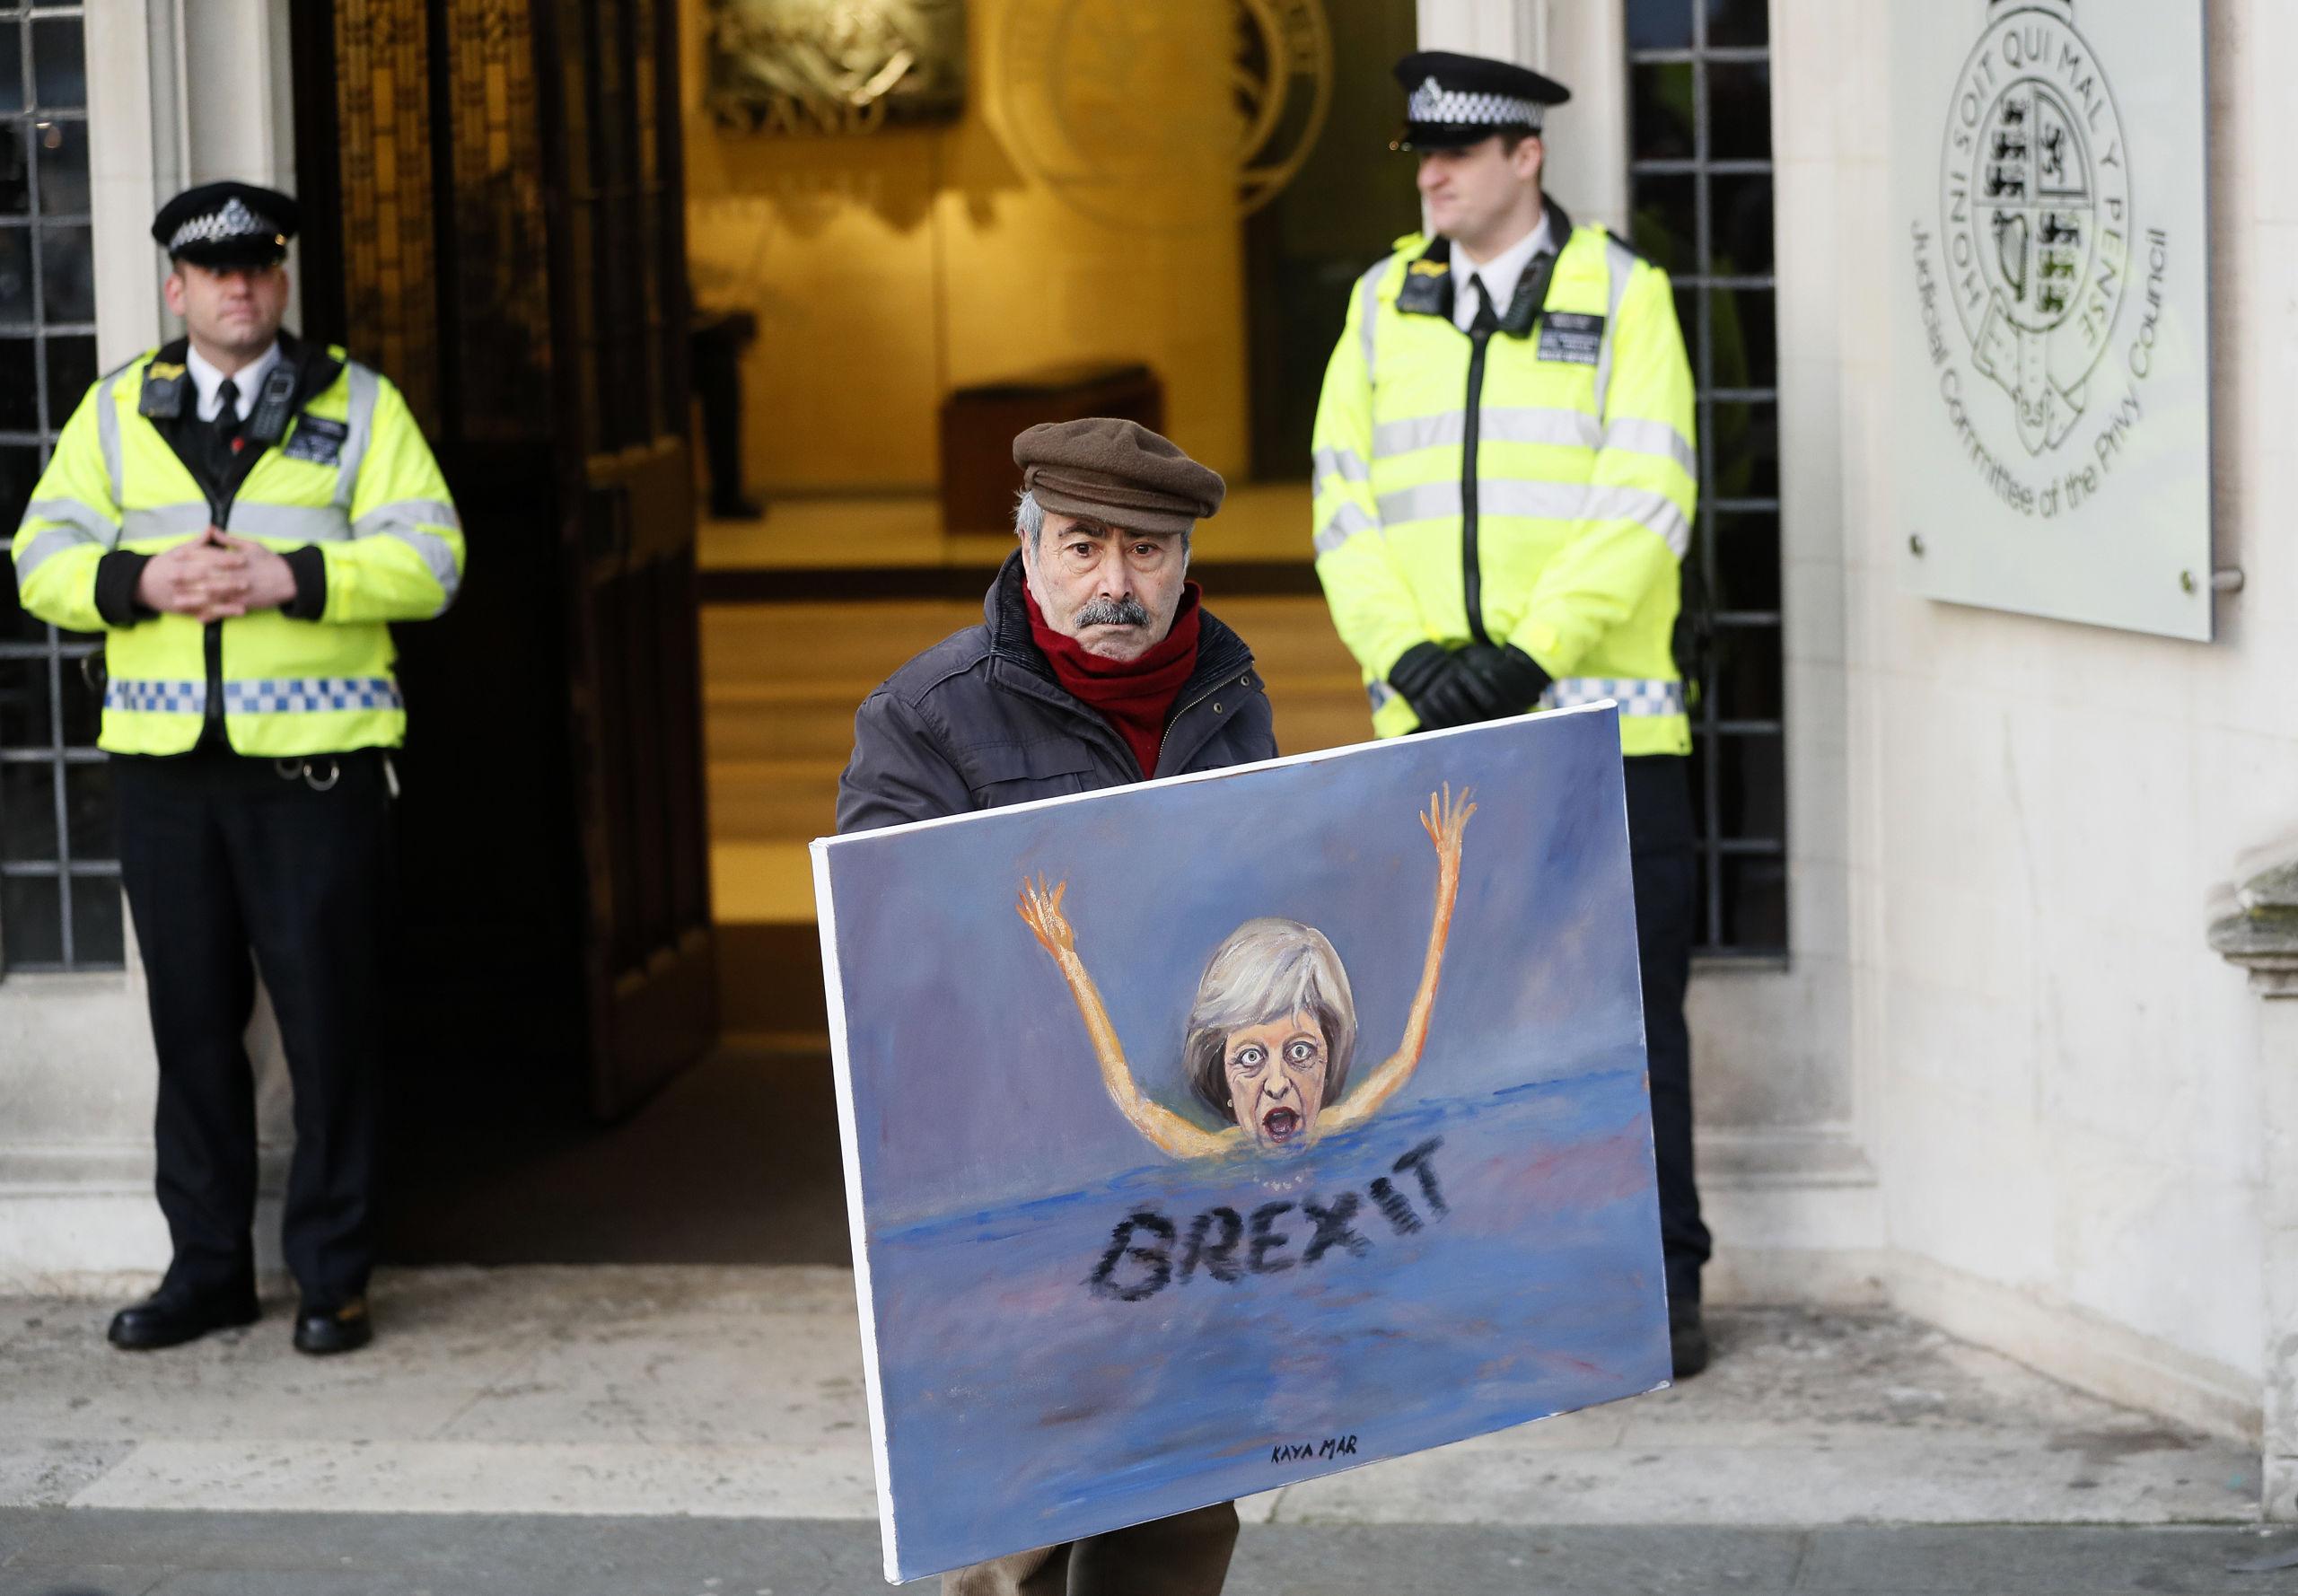 Manga viljor om hur brexit ska ga till